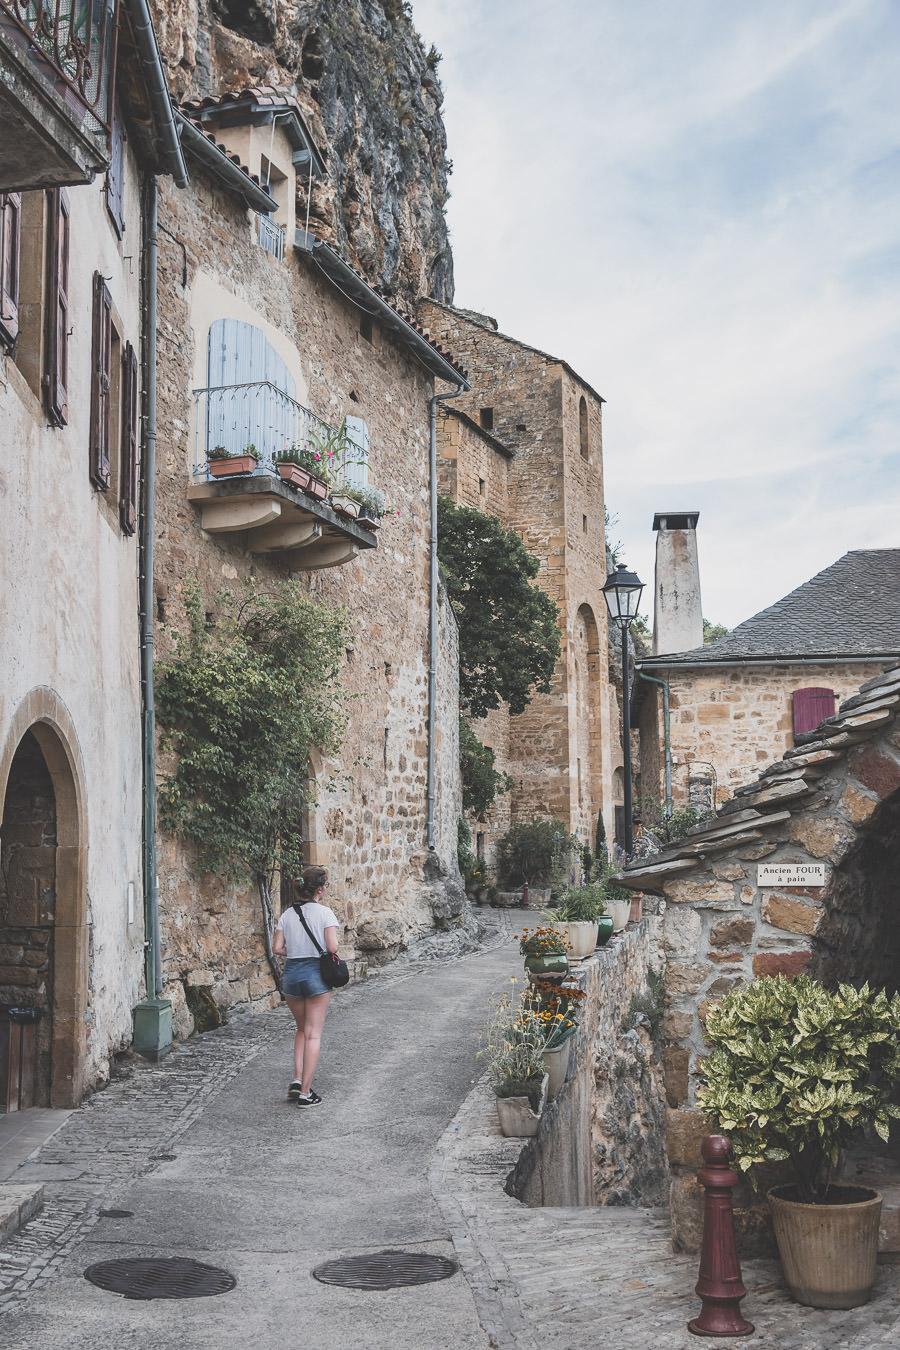 Peyre est un Plus Beau Village de France situé en Aveyron, Occitanie, France.